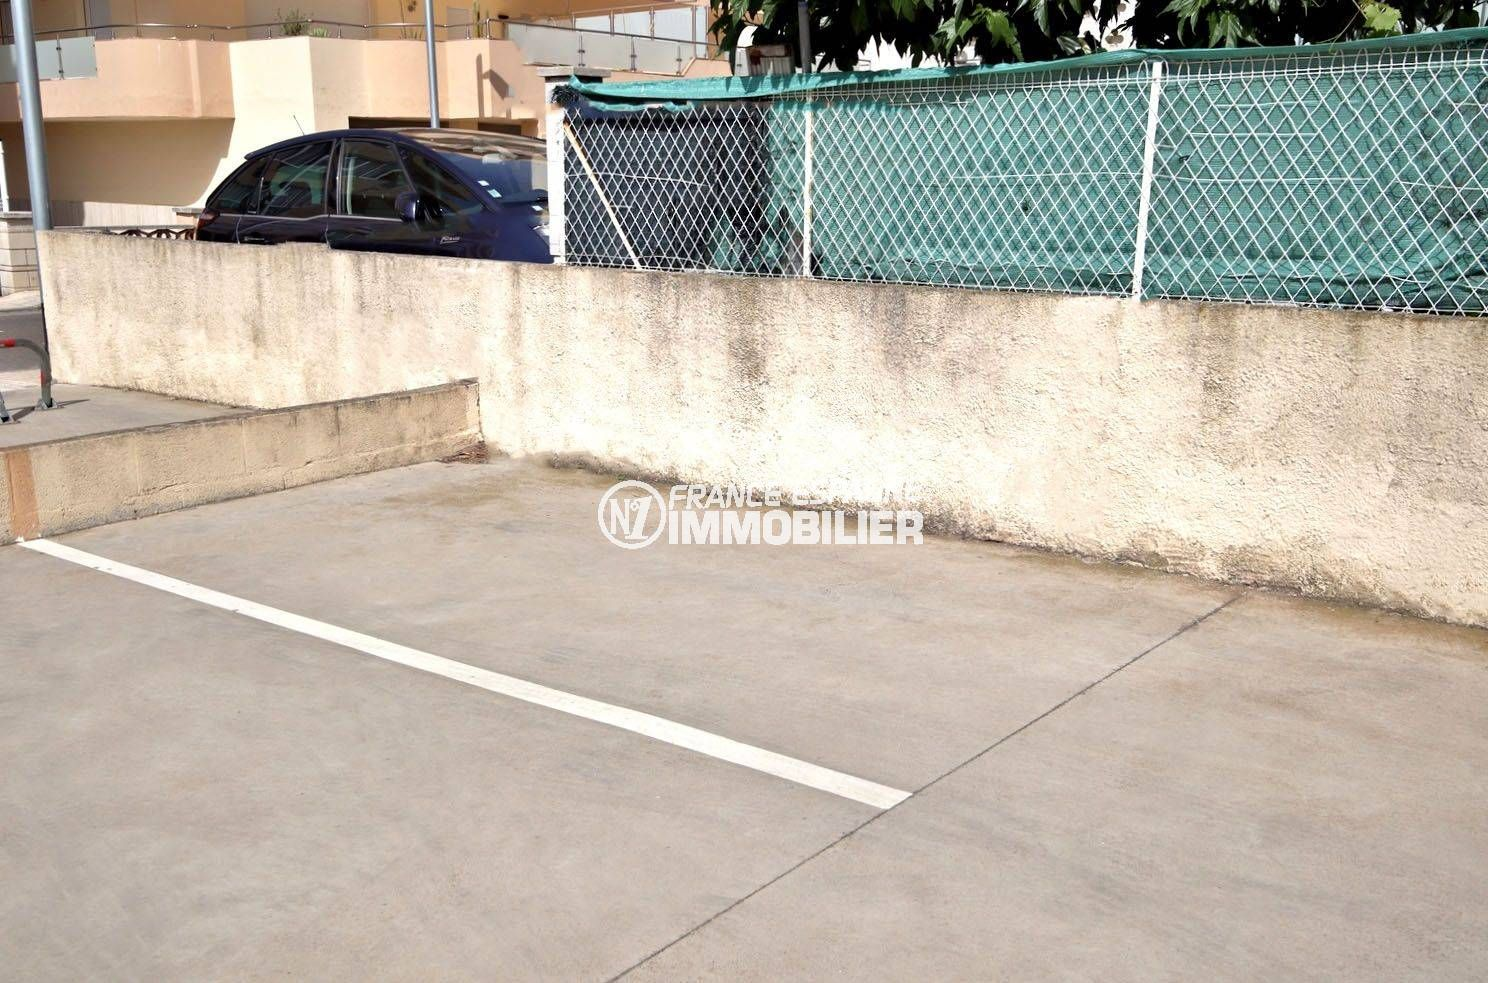 appartement costa brava, ref.3804, vue sur la place de parking privée